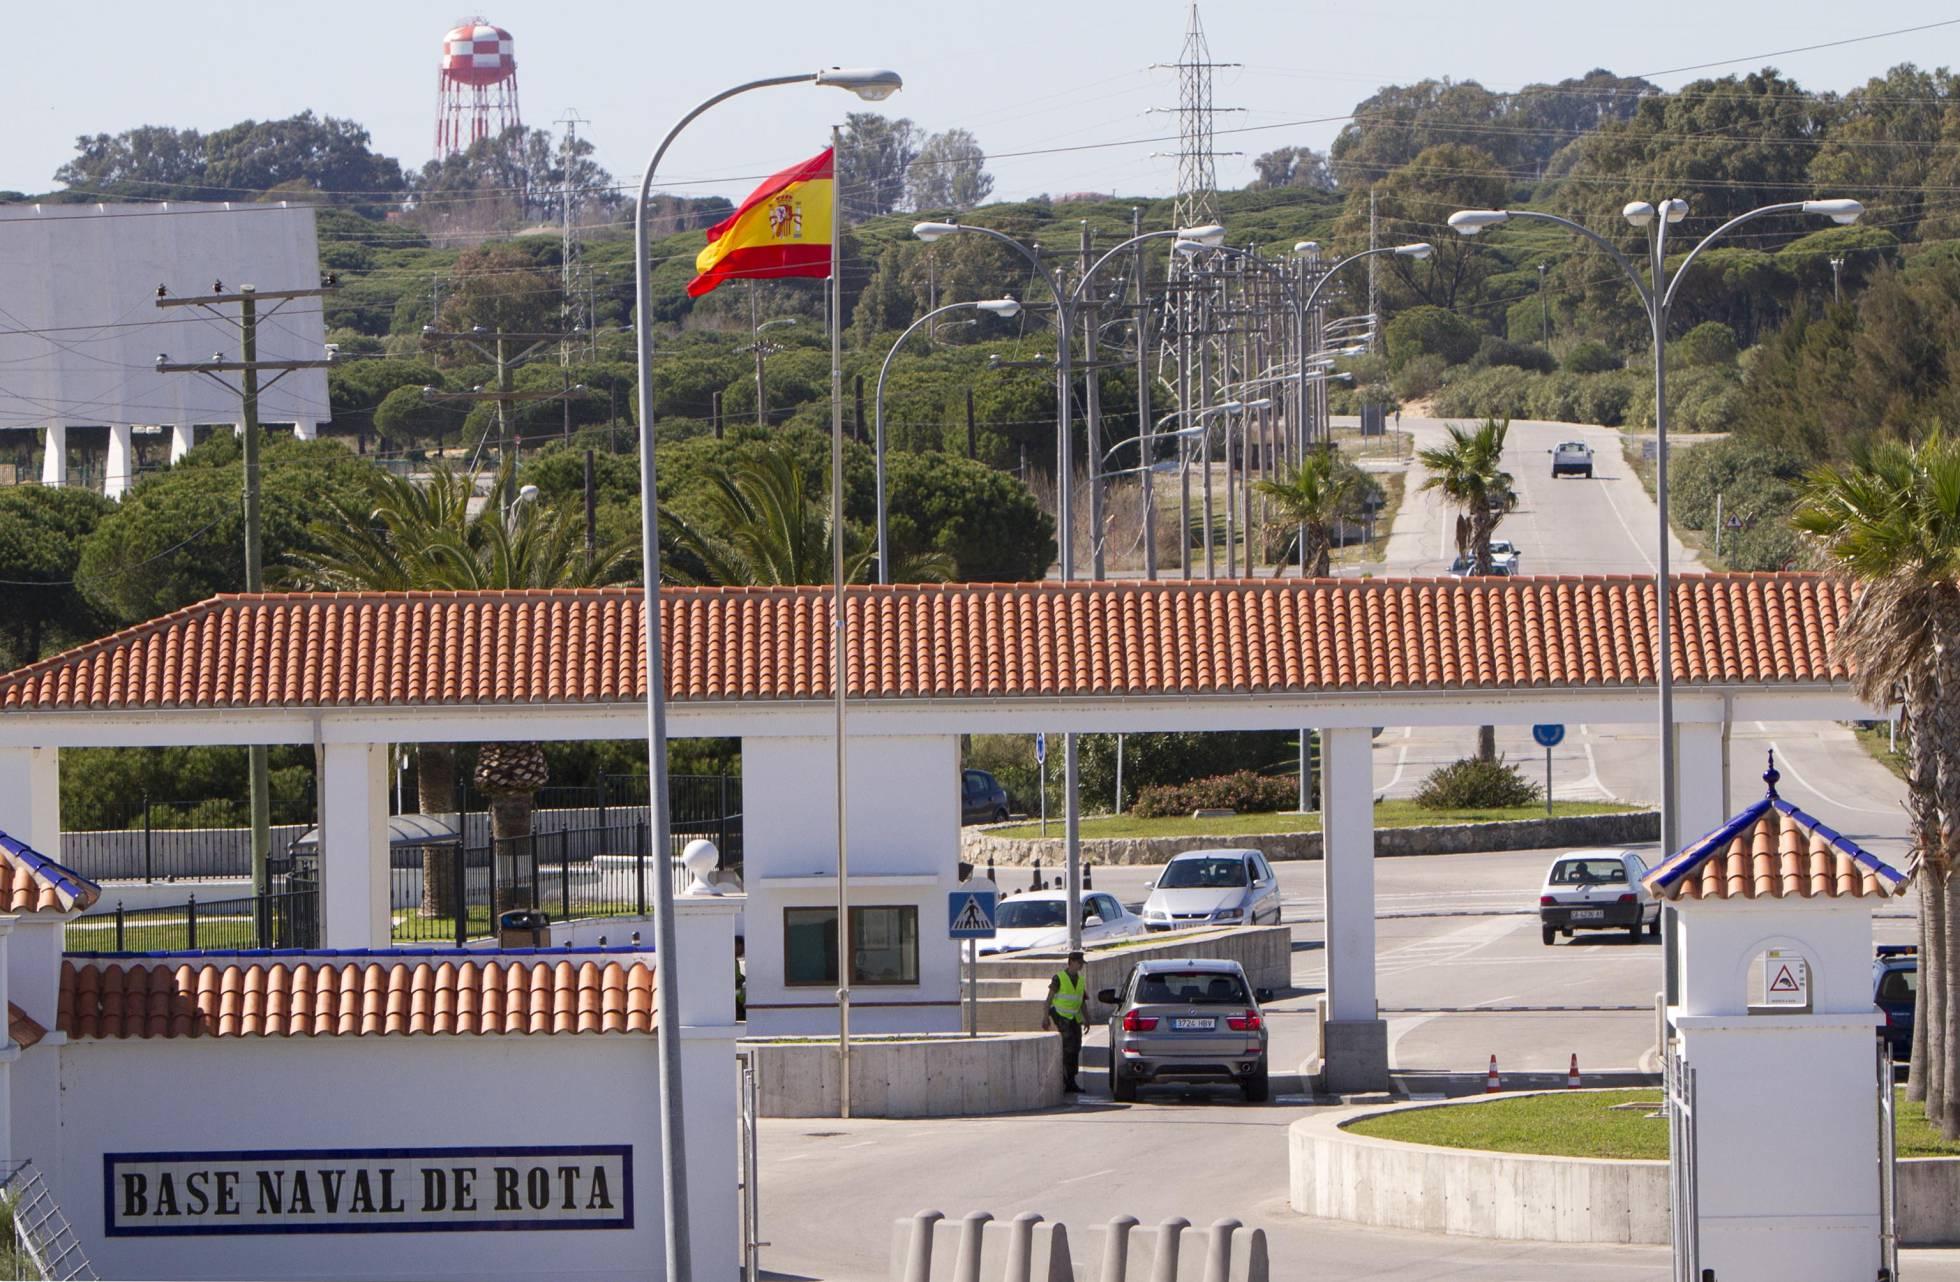 La Audiencia Nacional ampara a un militar discriminado por minusválido